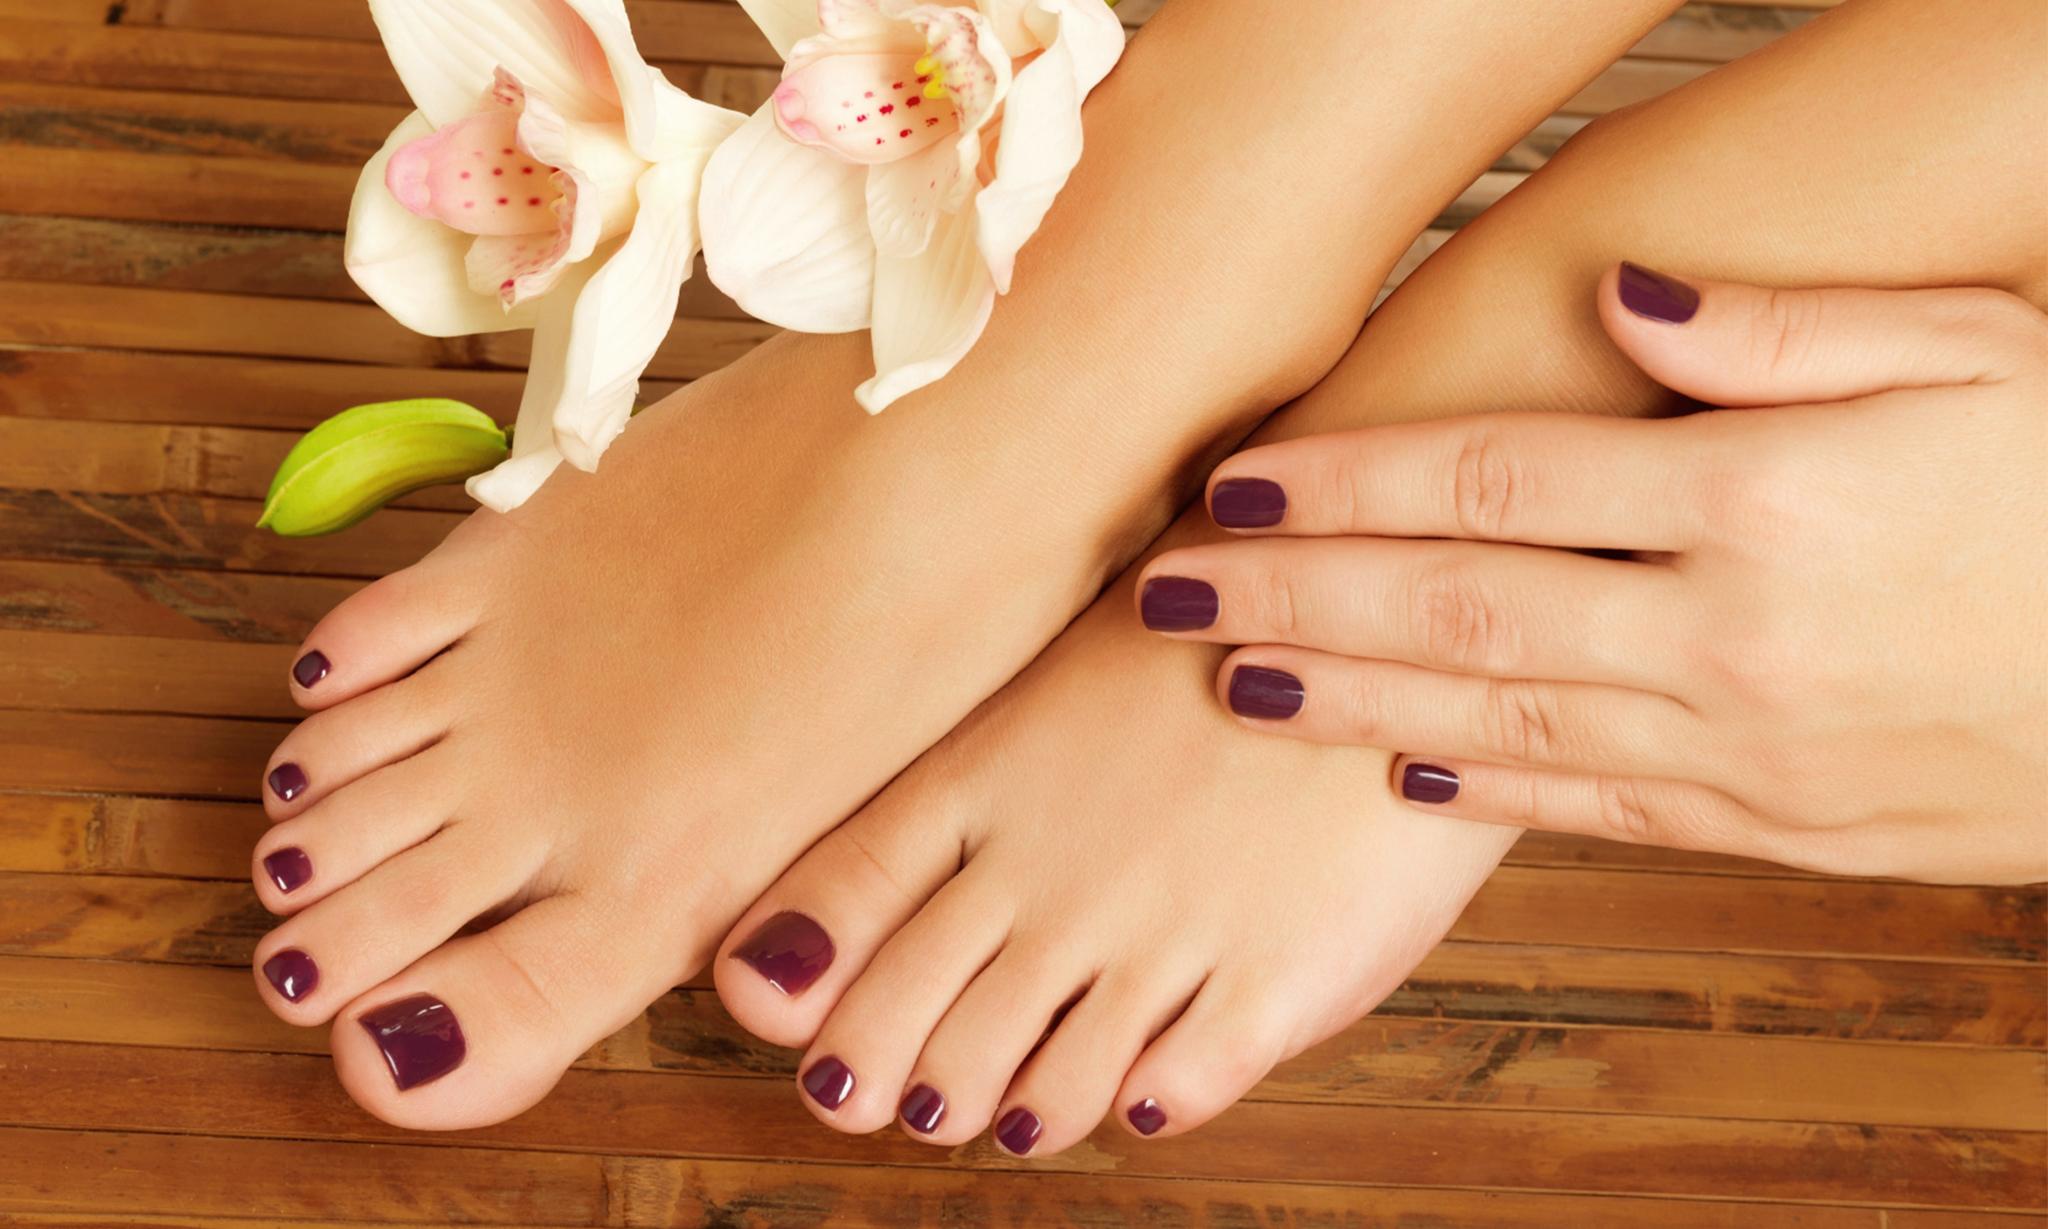 Фото ногтей на ногах и руках